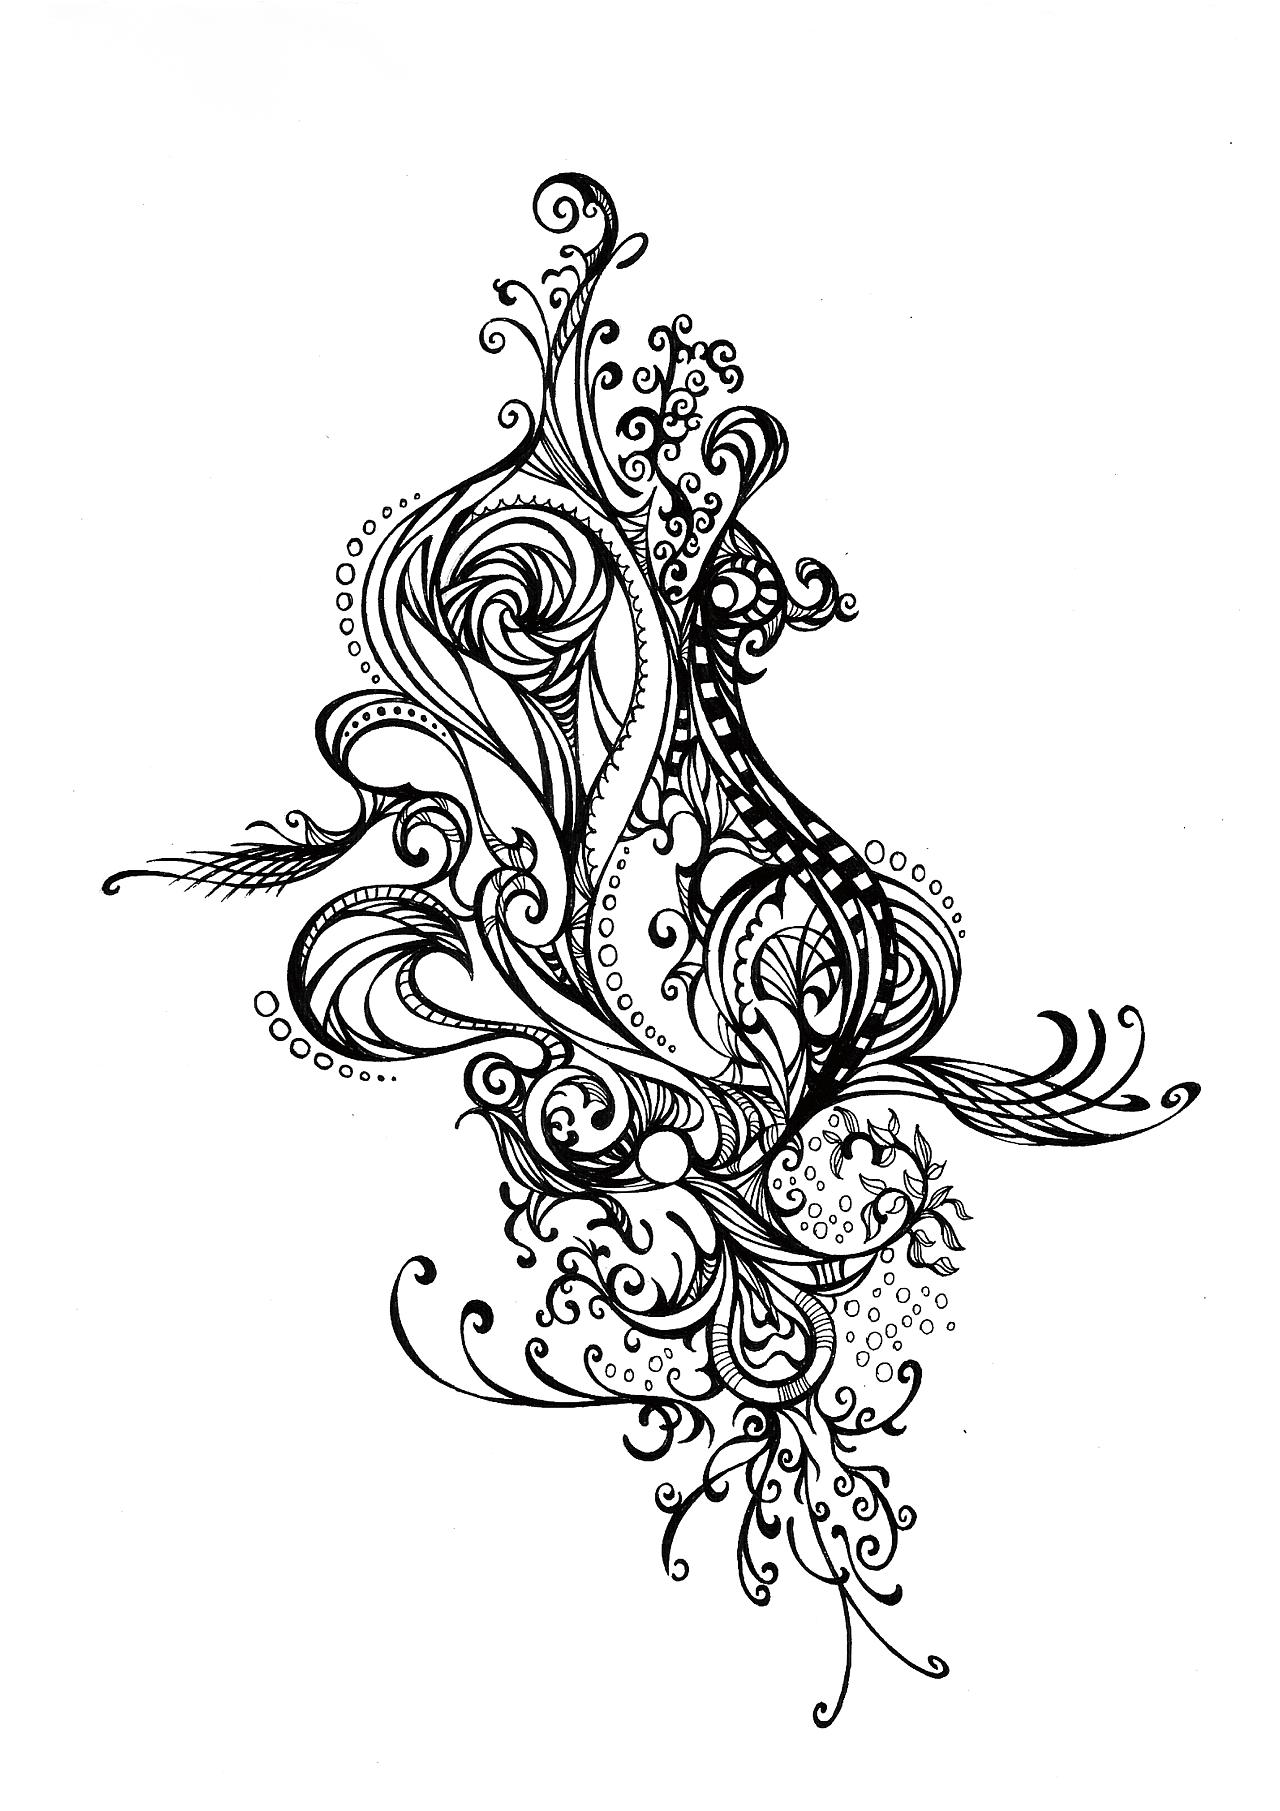 一组黑白装饰画图片